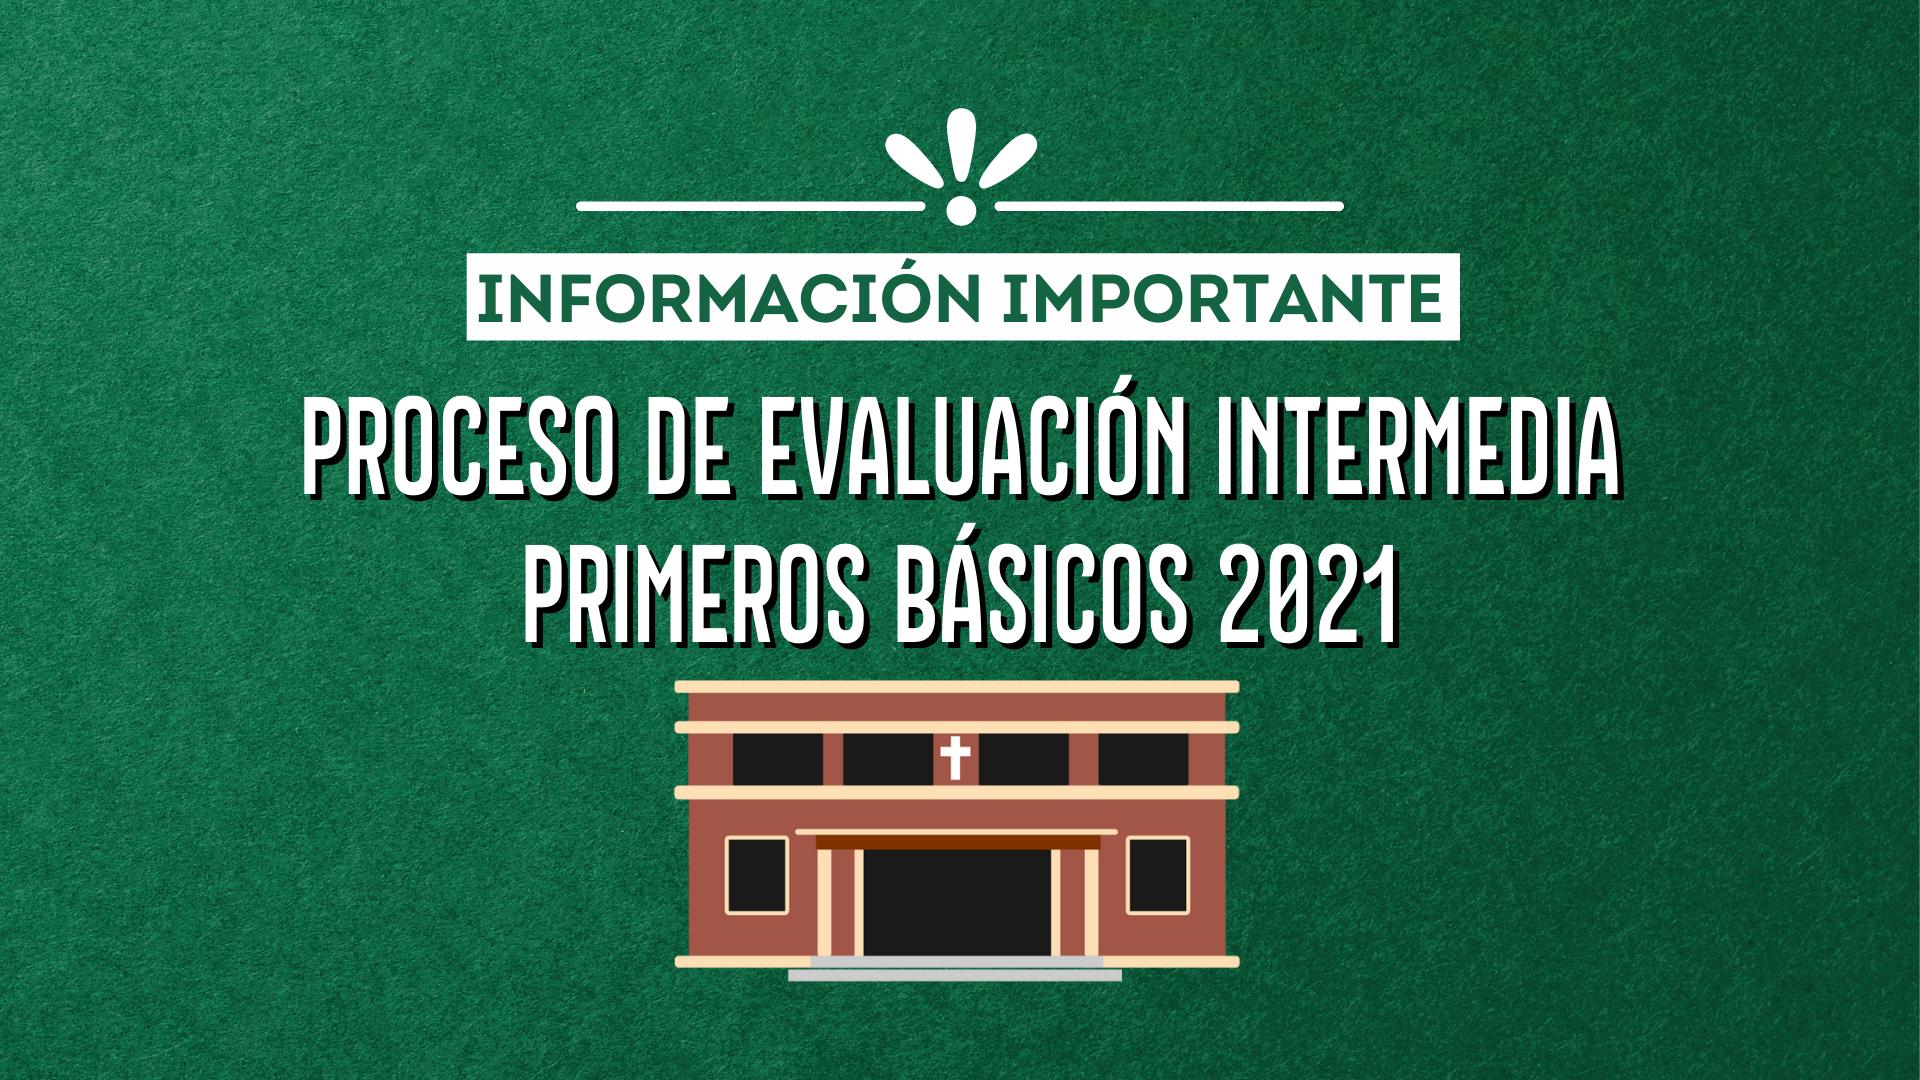 Proceso de evaluación intermedia primeros básicos 2021